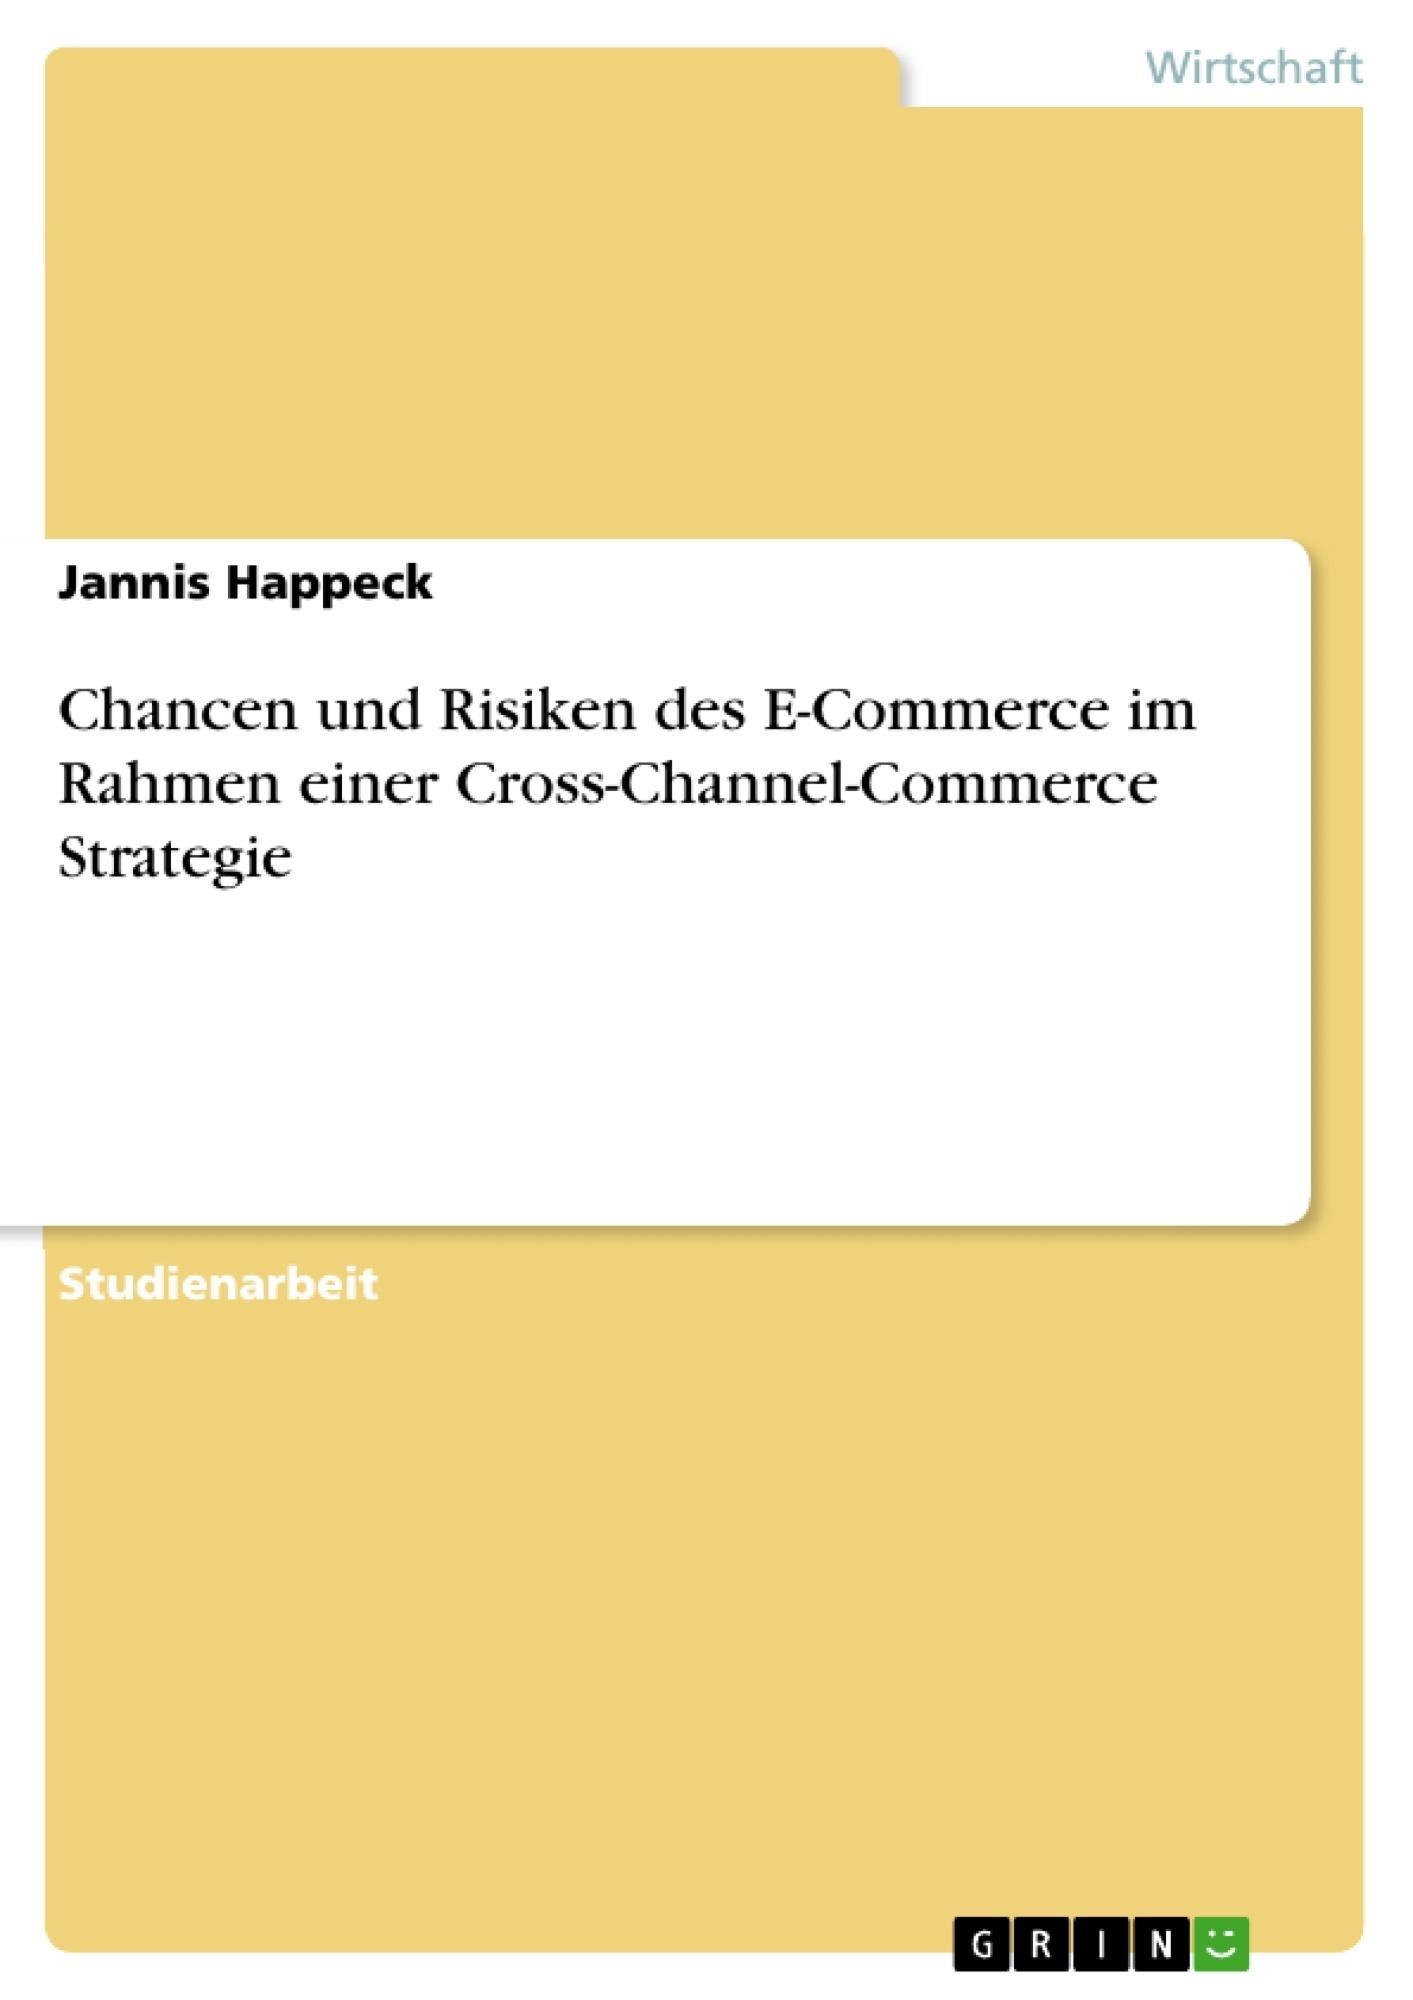 Titel: Chancen und Risiken des E-Commerce im Rahmen einer Cross-Channel-Commerce Strategie